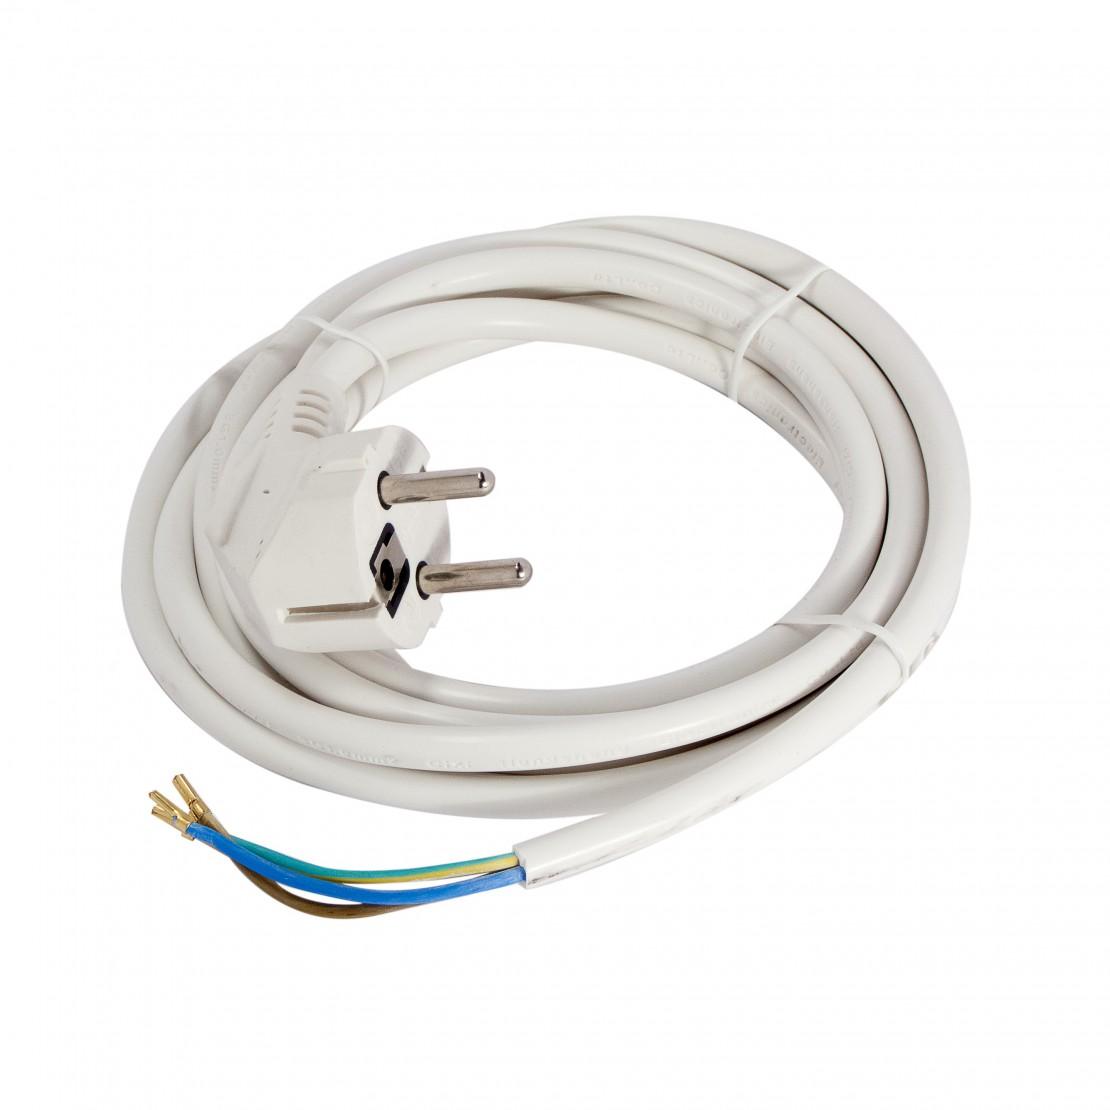 Cordon HO5VVF 3 x 1,0mm2 - 1,5 m - blanc